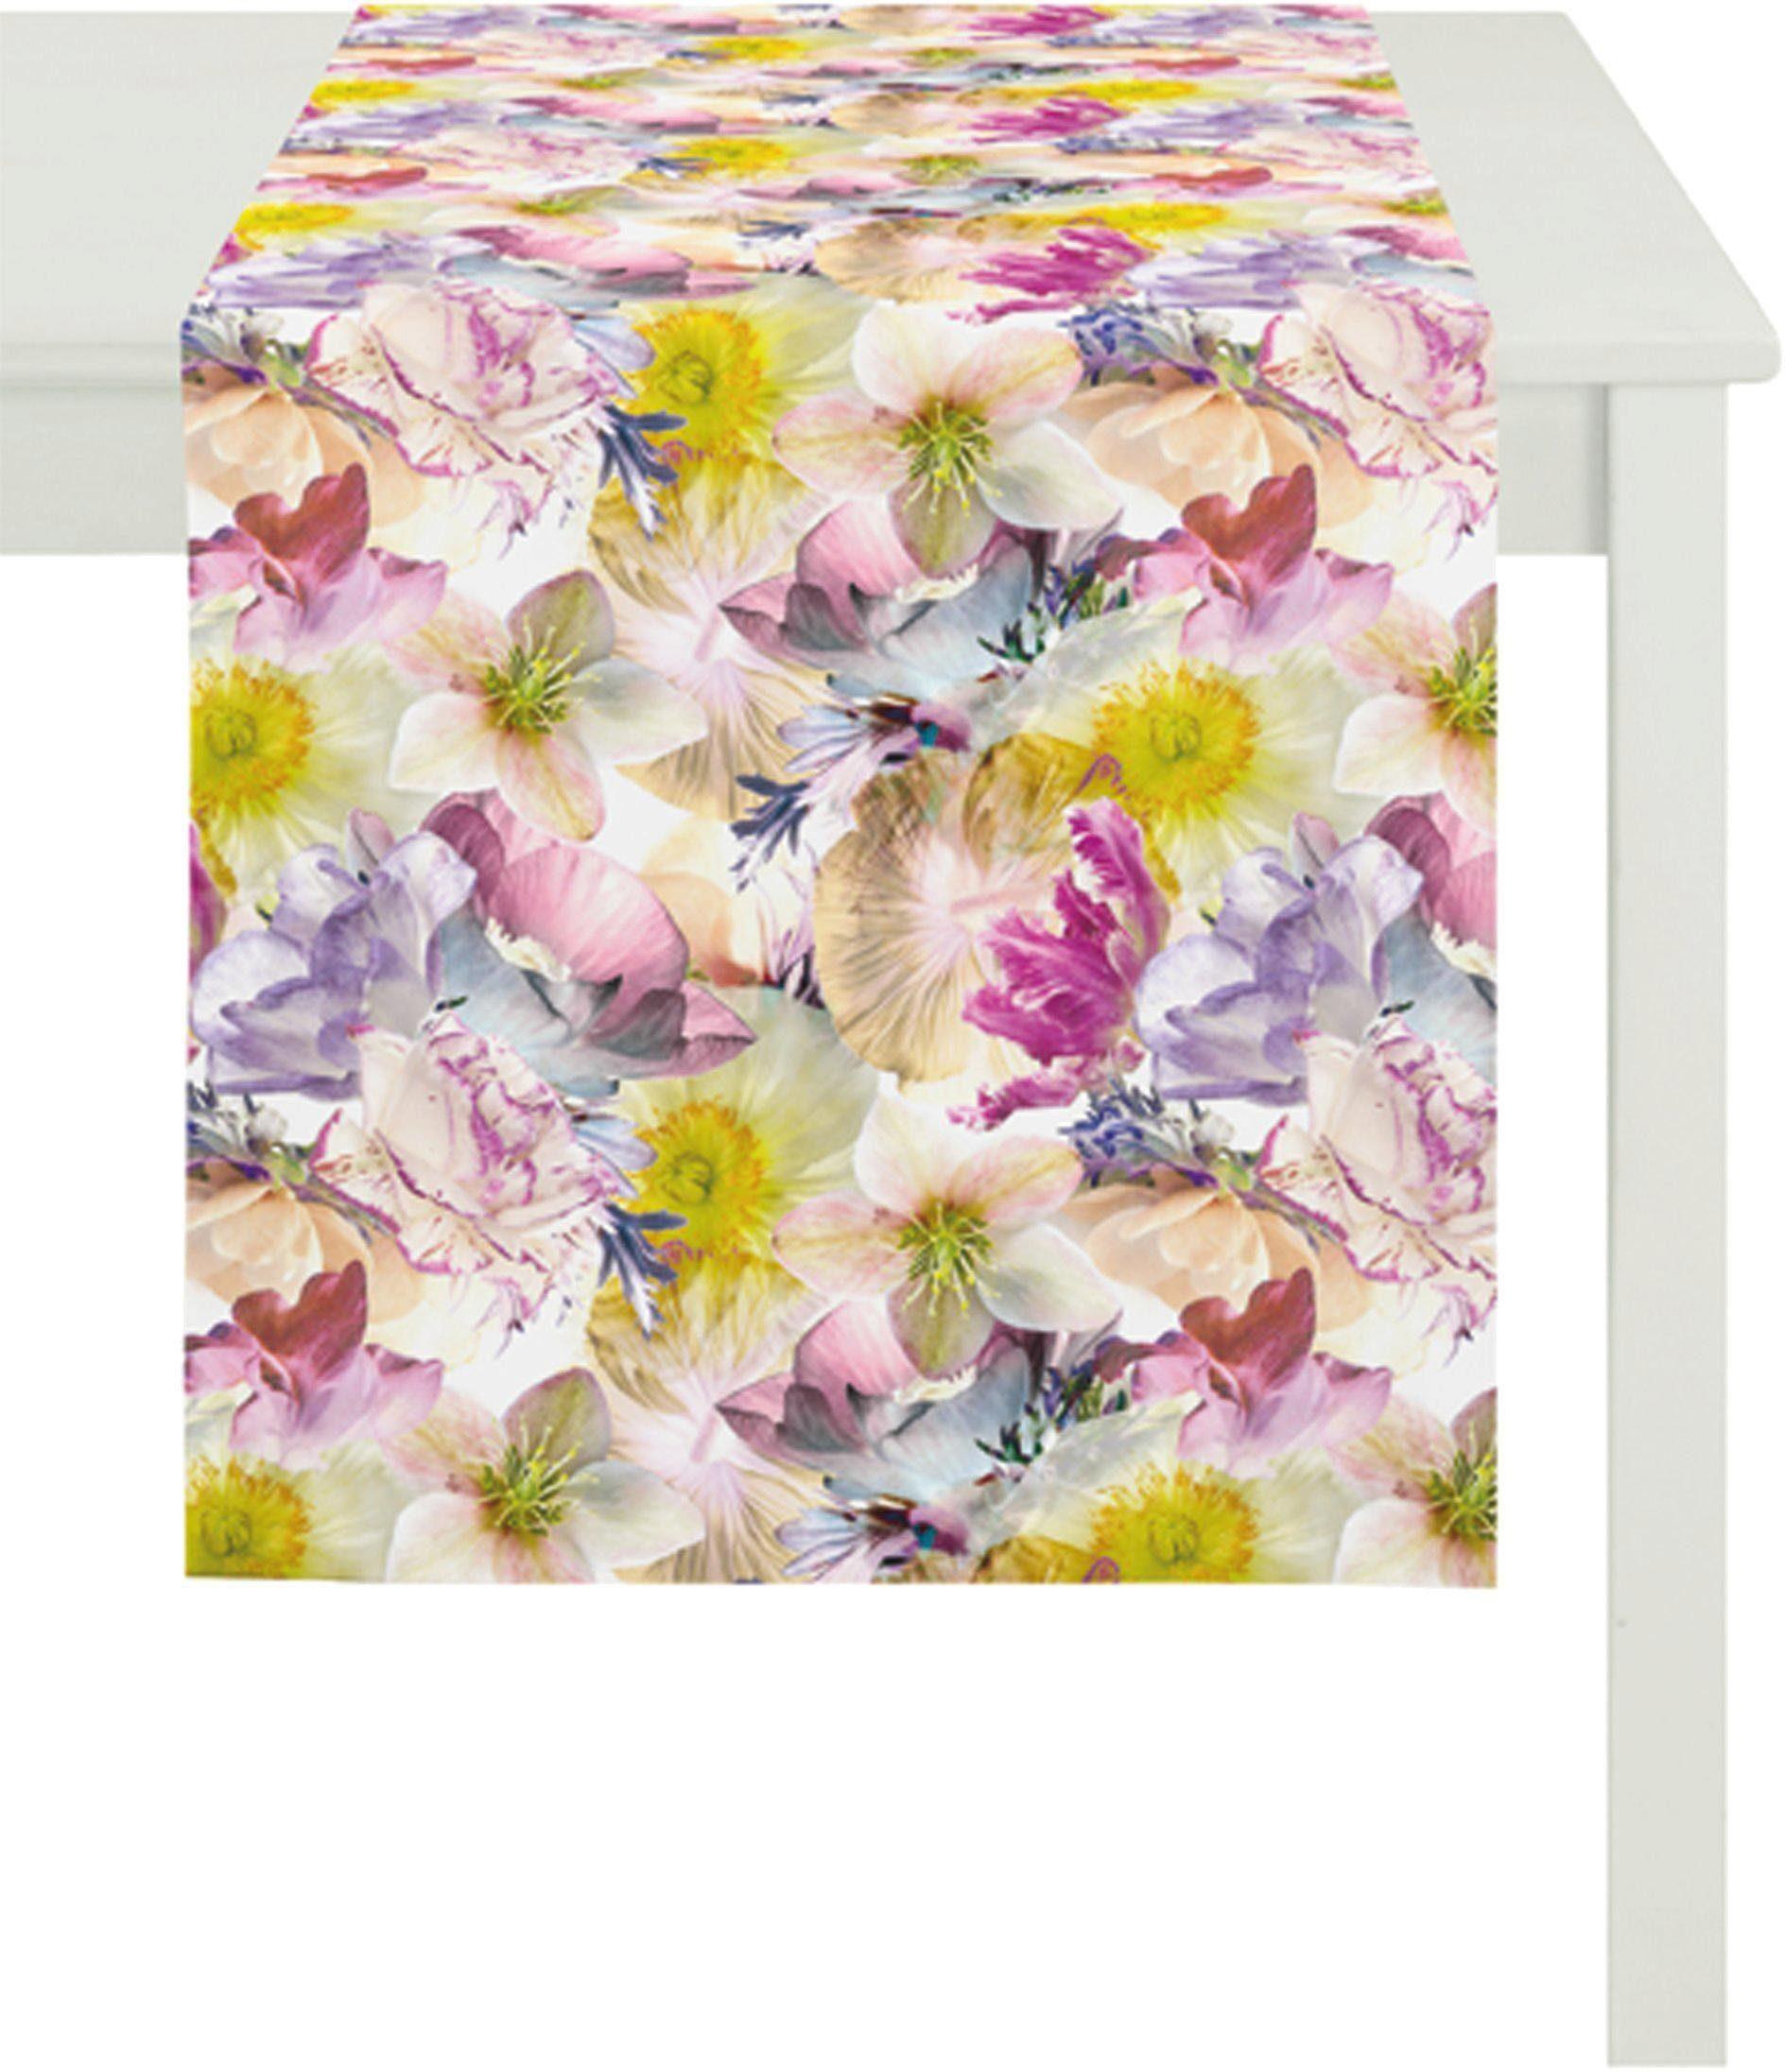 Apelt Tischläufer, 40x140 cm, »5306 SPRINGTIME«